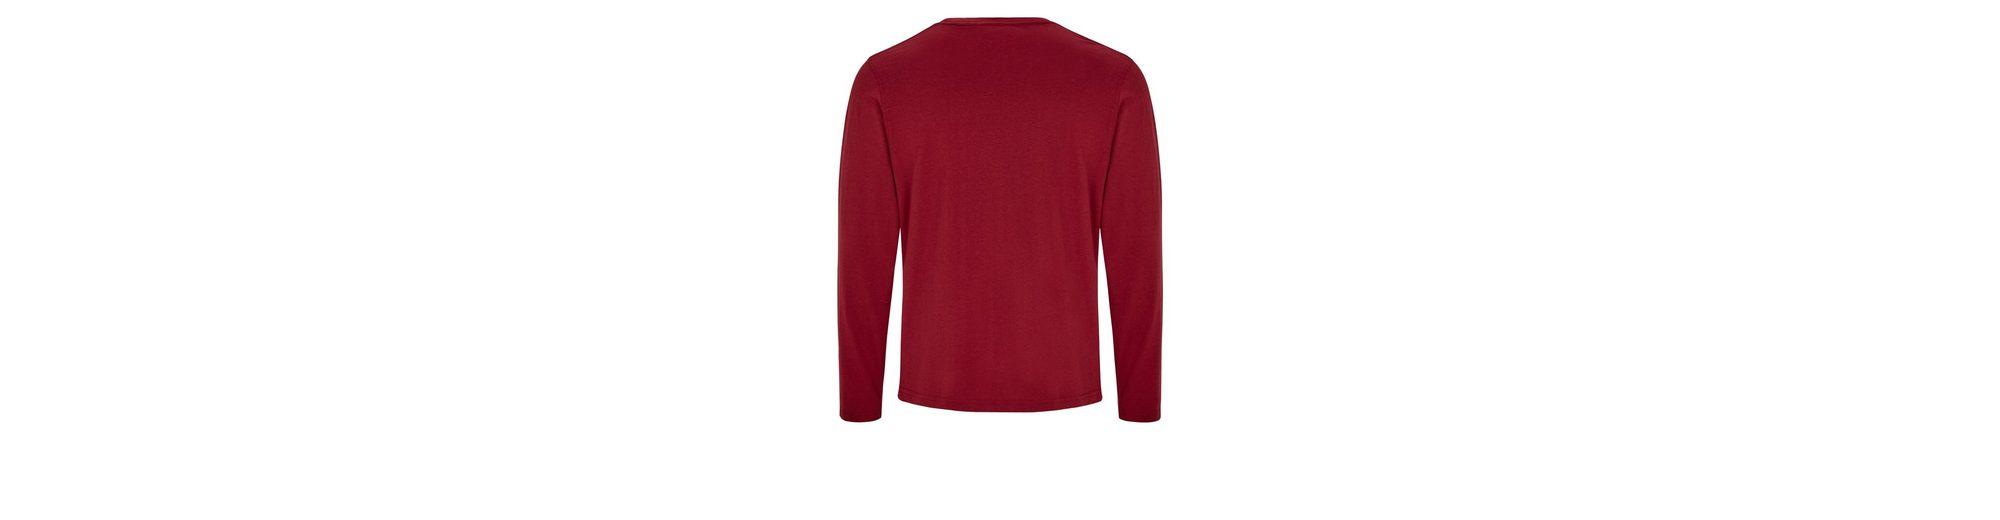 Auslass Footlocker Bilder Lonsdale T-Shirt mit sportlichem Frontdruck Spielraum Top-Qualität Spielraum Gut Verkaufen Verkauf 100% Authentisch hiDfIupI